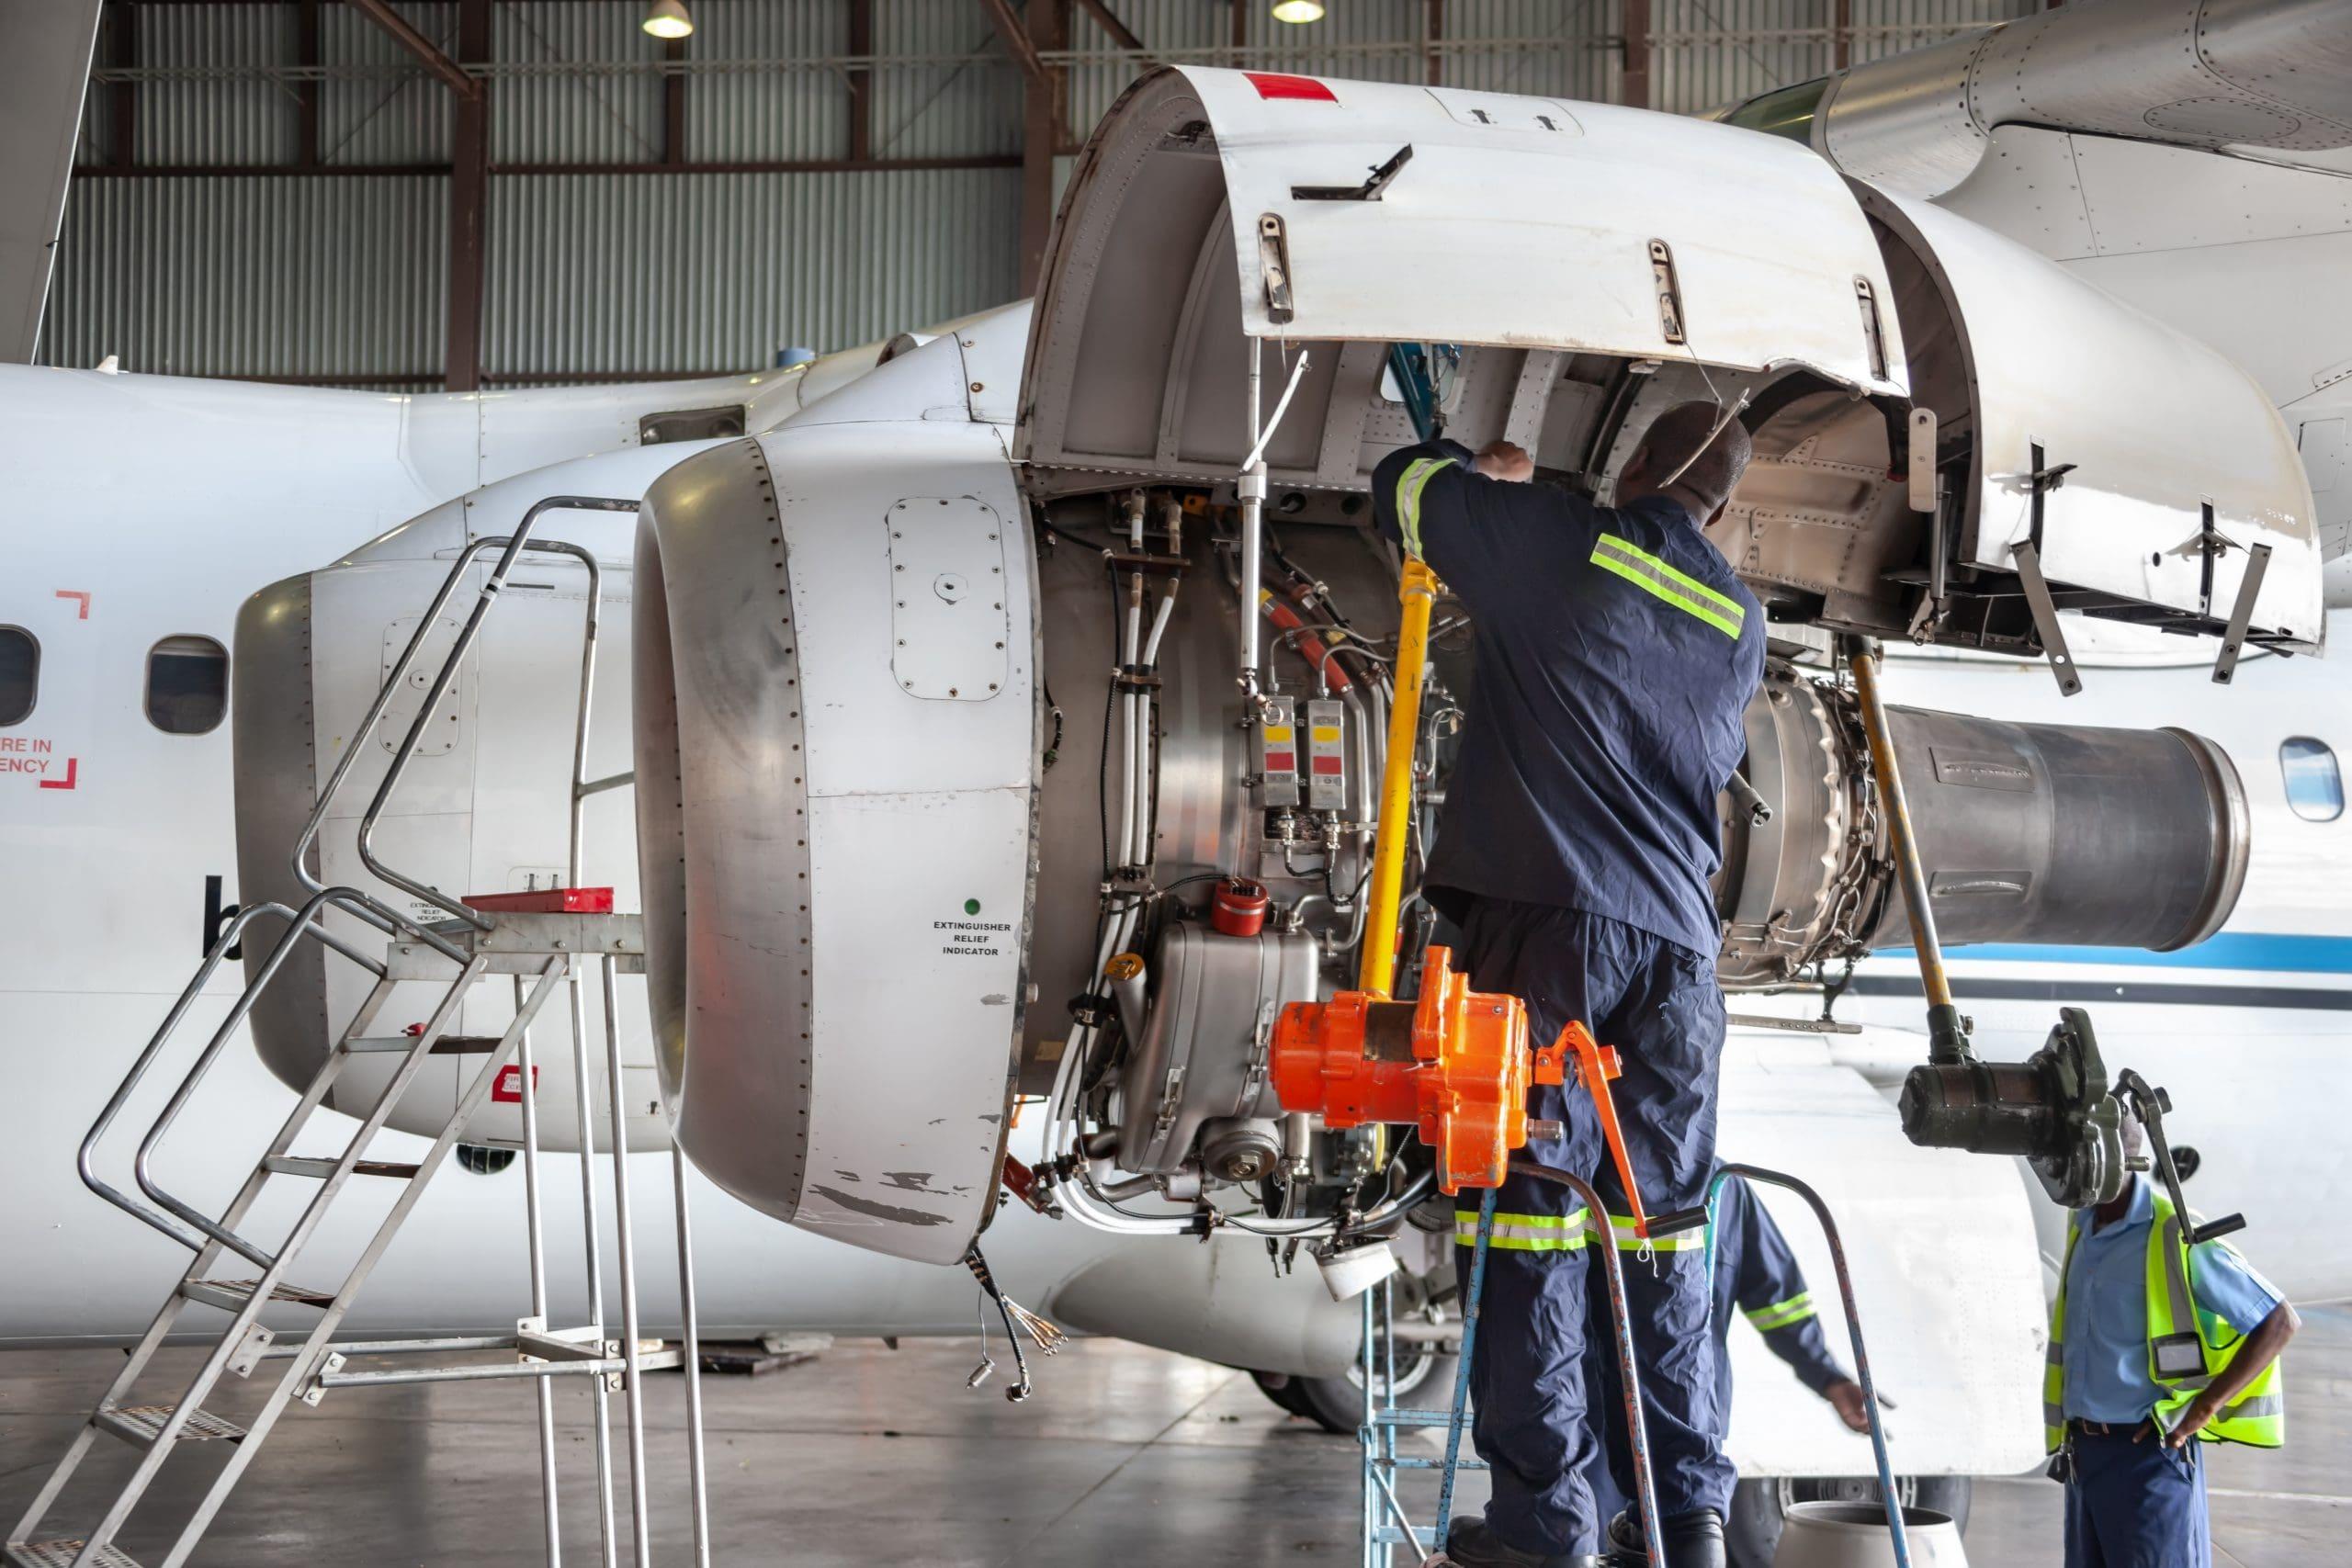 Aerospace mechanics working on repairs